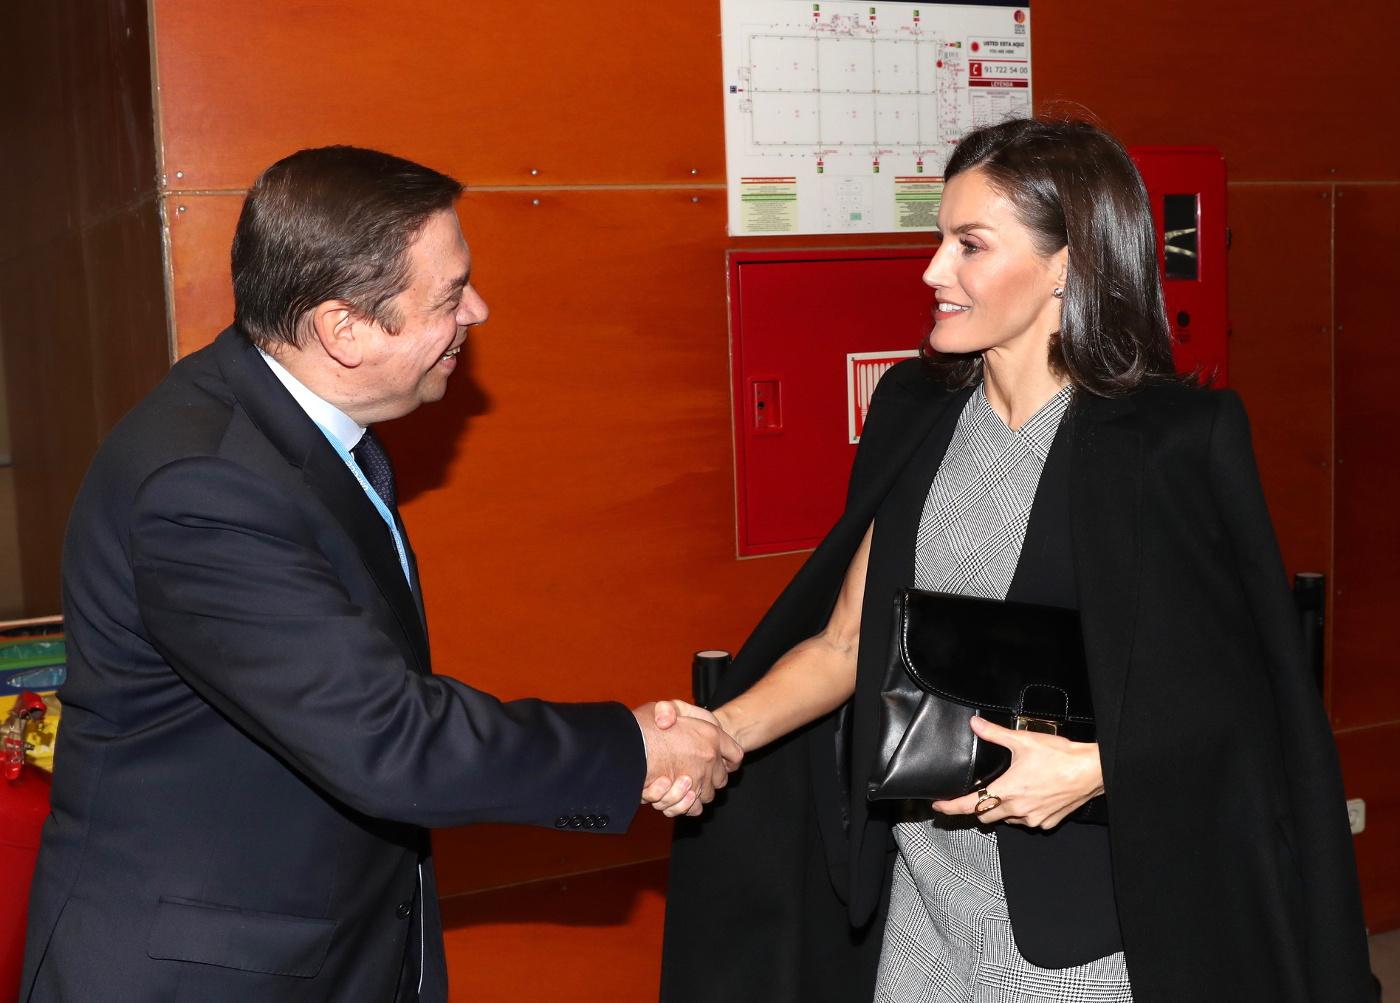 La reina Letizia en la Cumbre del Clima recupera su capa de Zara y vestido de Hugo Boss